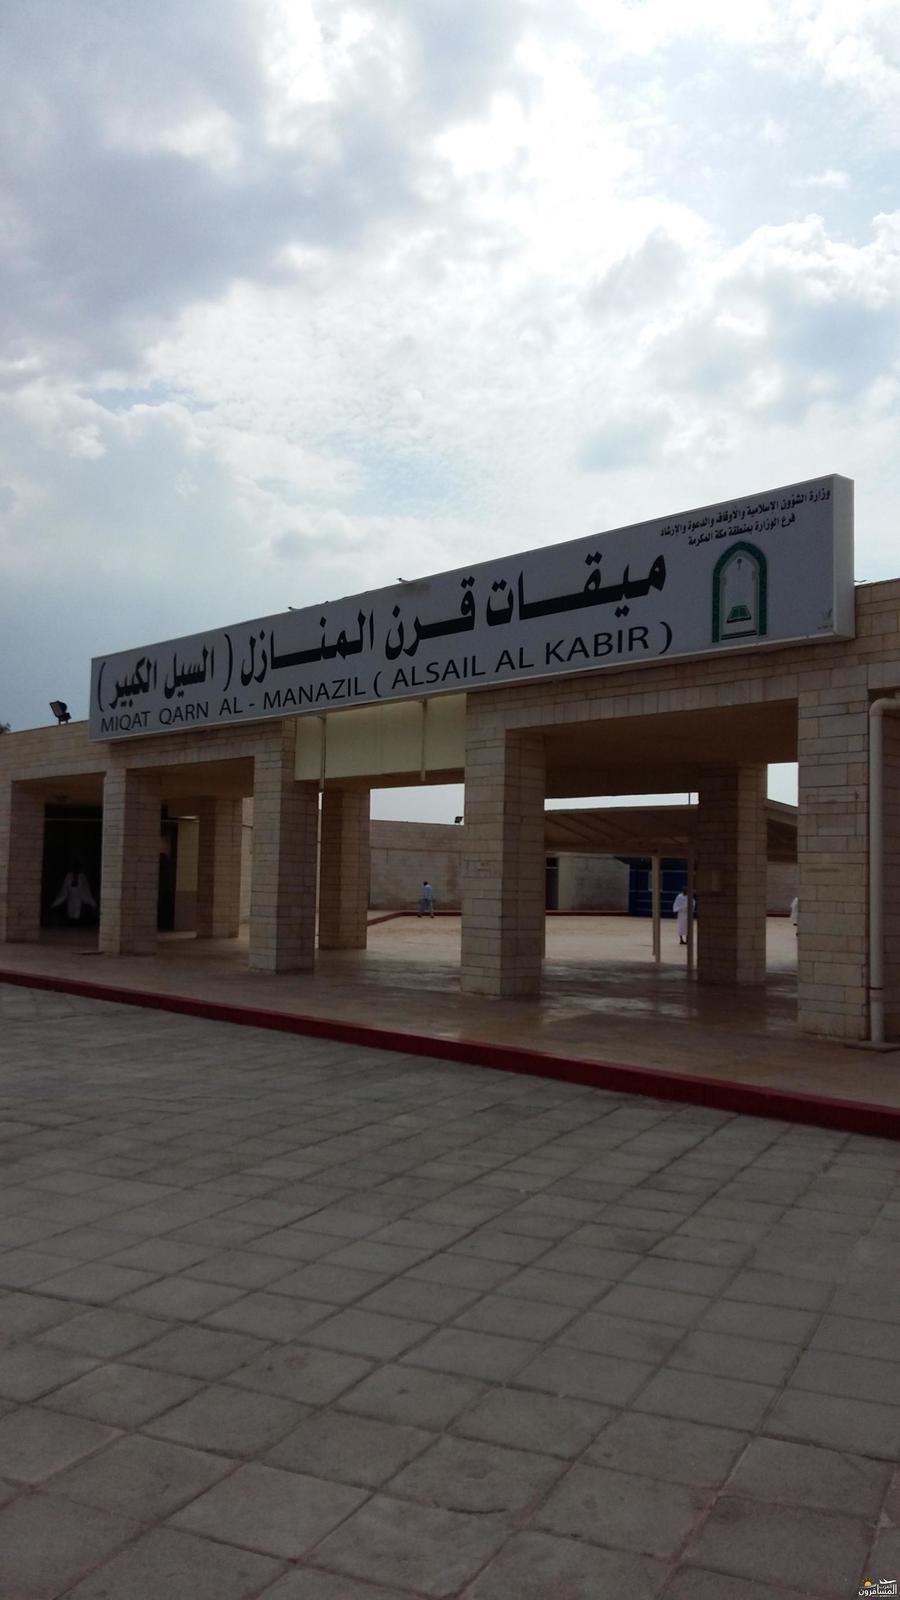 655106 المسافرون العرب نبذة عن الميقات